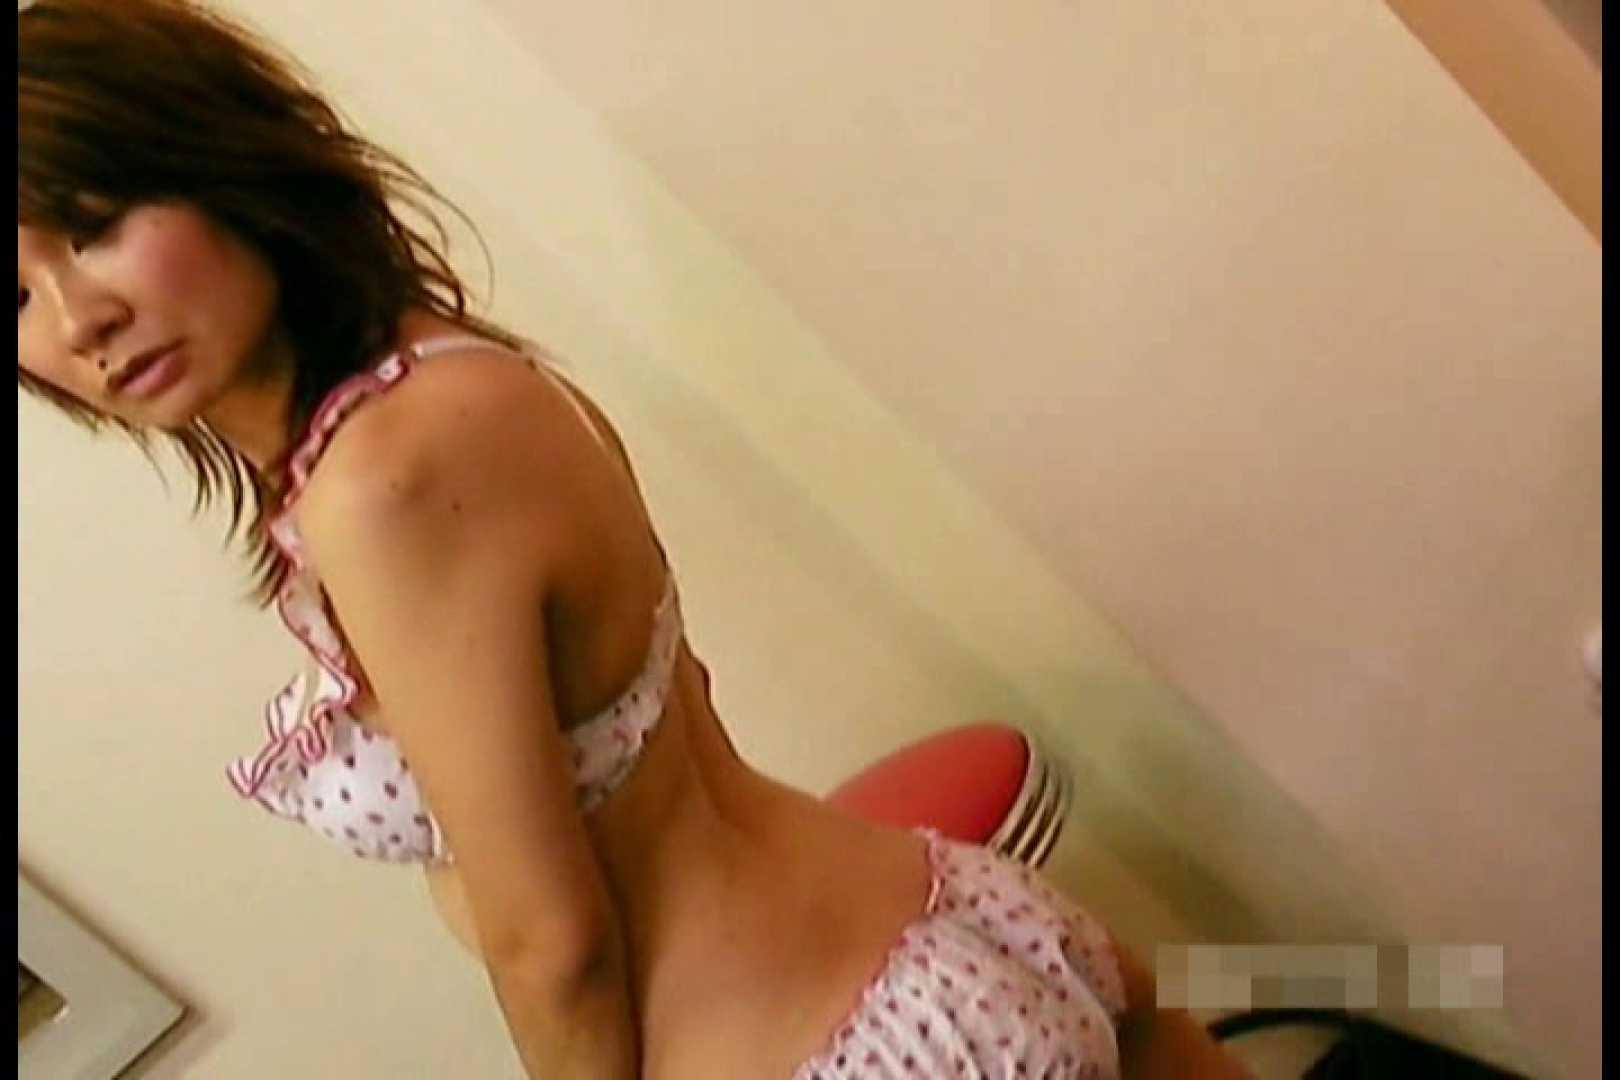 素人撮影 下着だけの撮影のはずが・・・まり25歳 細身スレンダーガール オメコ動画キャプチャ 67pic 40